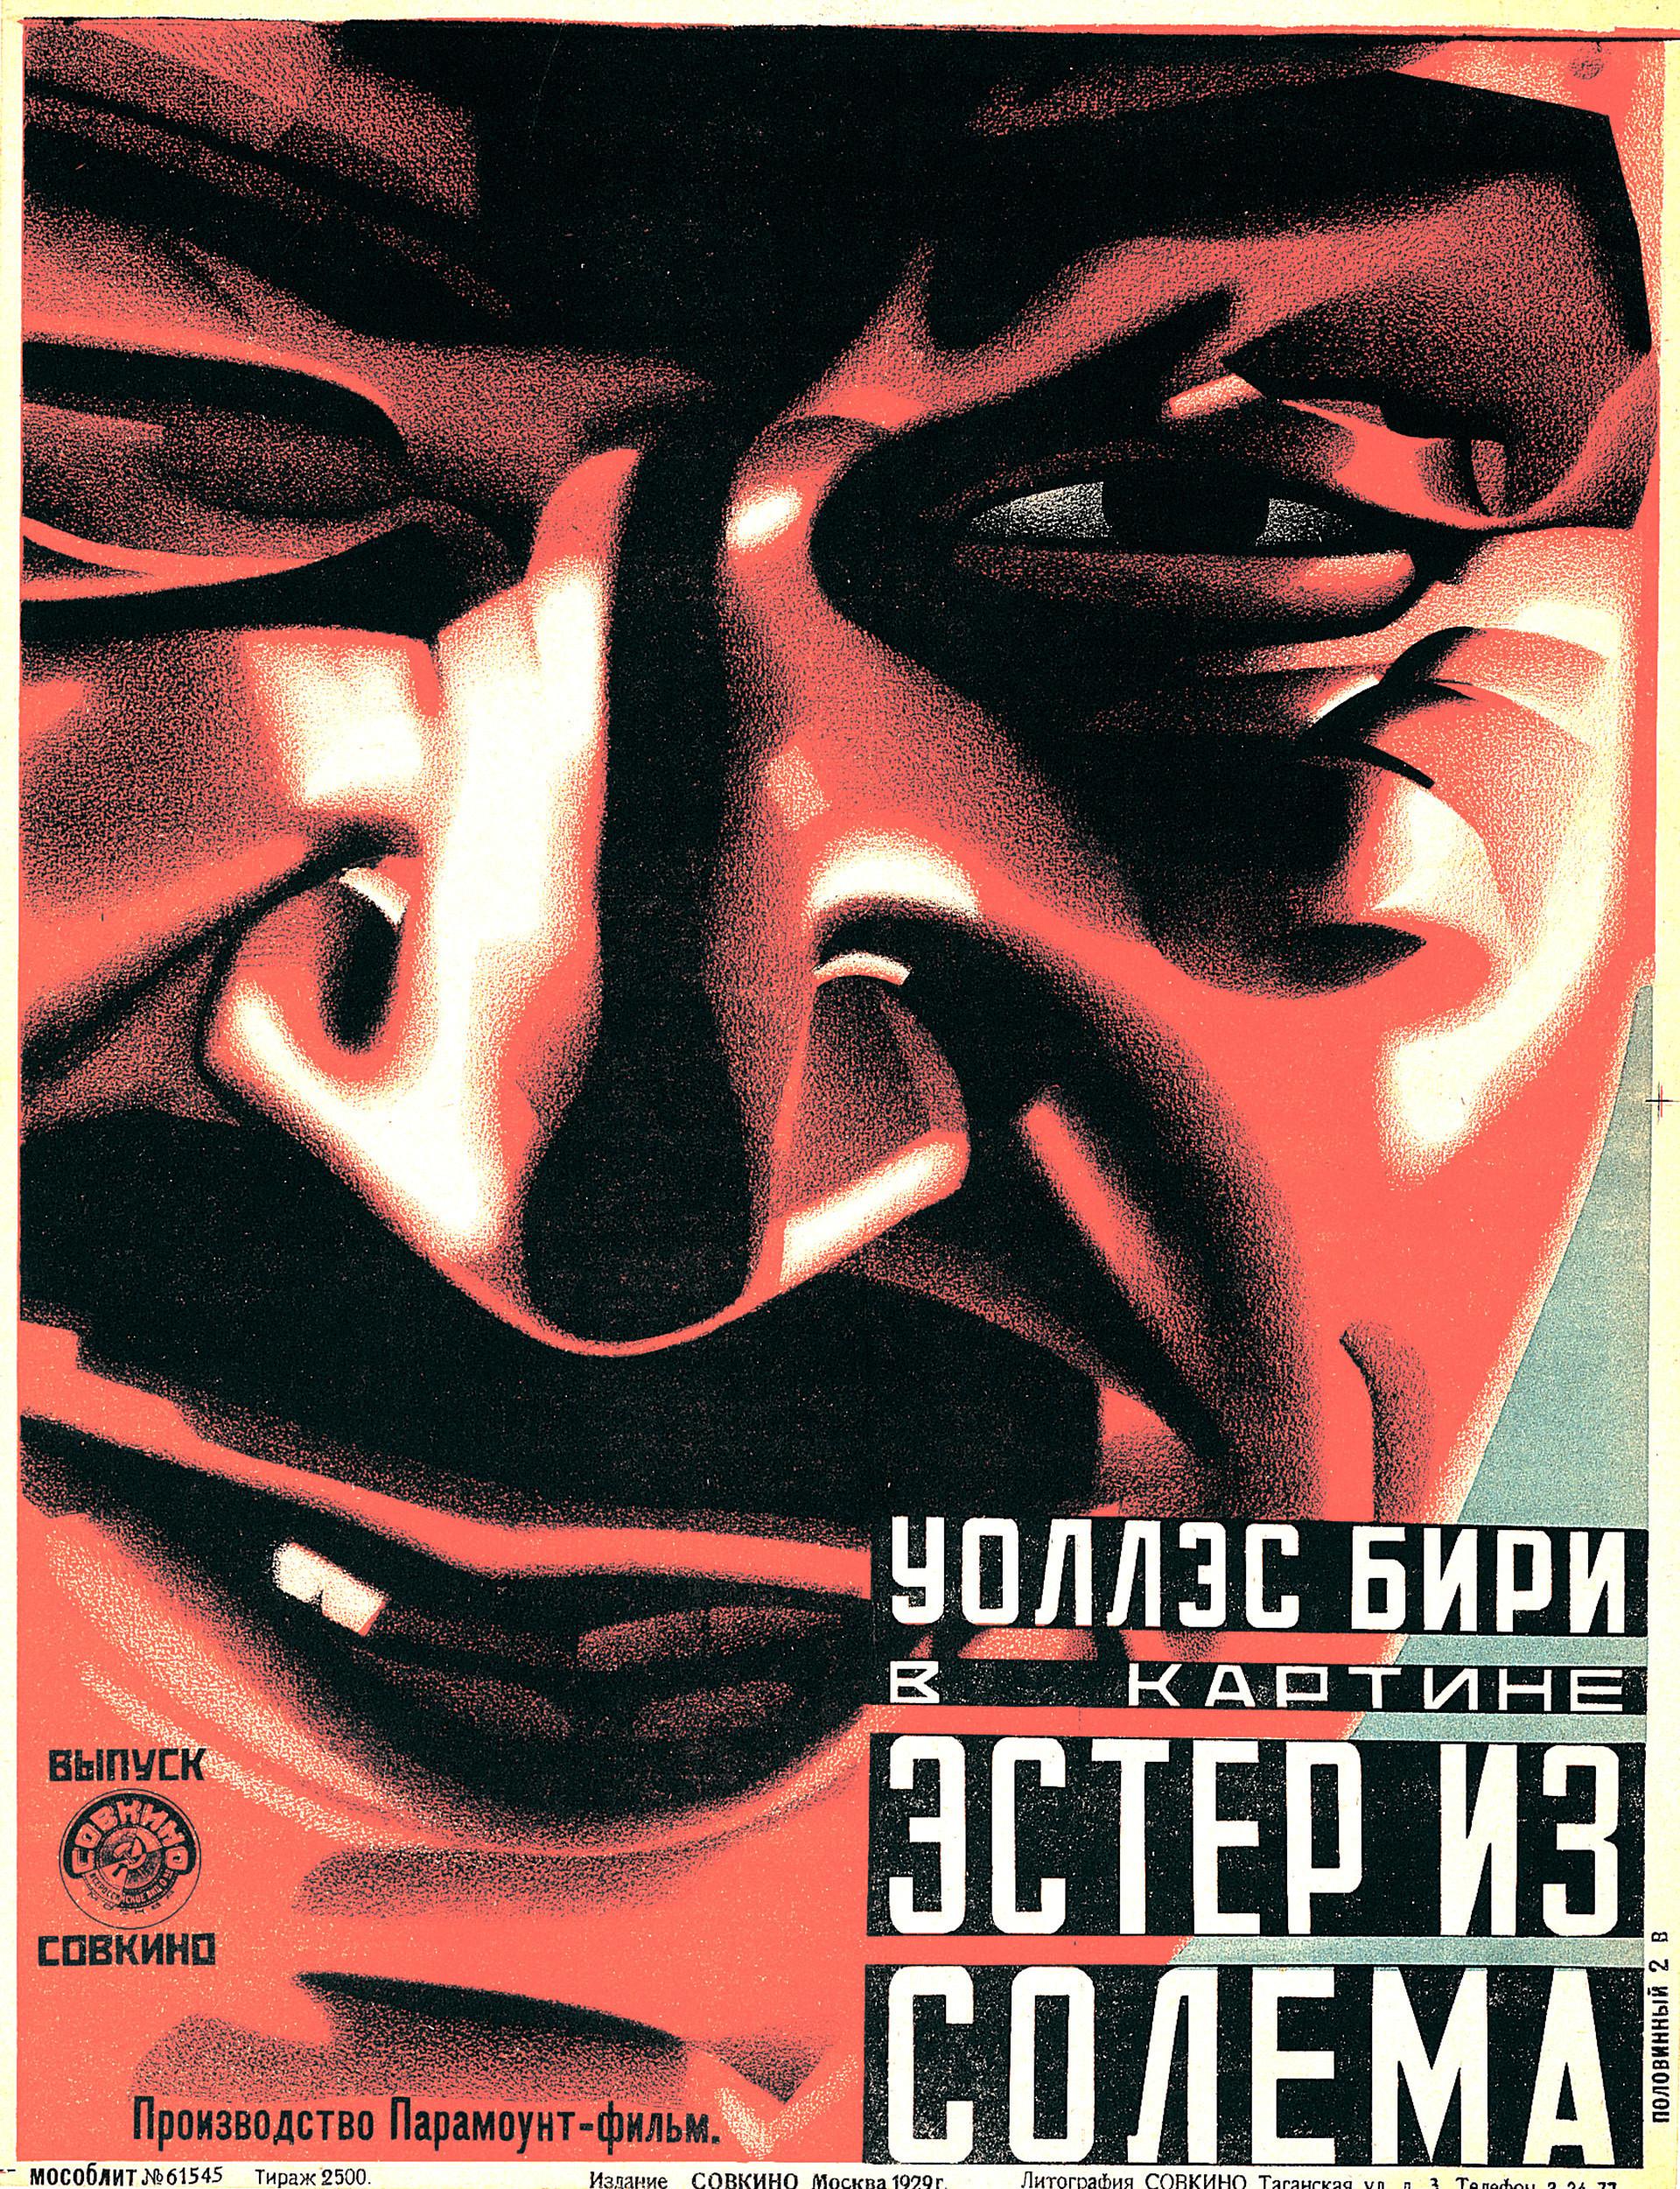 Anônimo, cartaz do filme 'Ester iz Solema', 1929